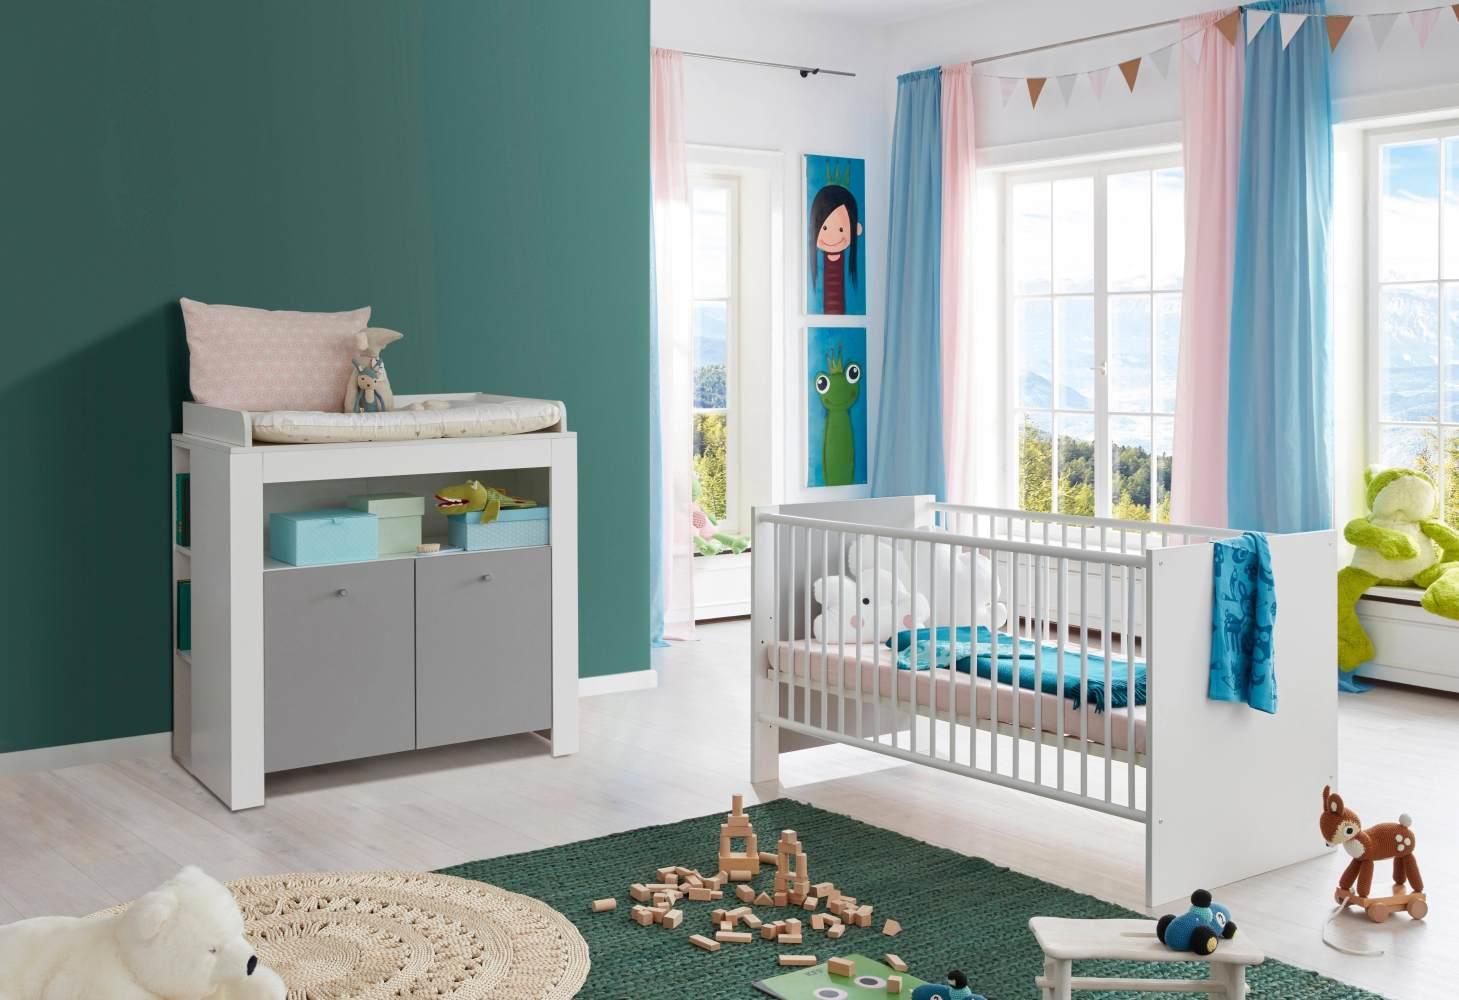 Babyzimmer Pia weiß/grau komplett Set 2-teilig inkl. Wickelkommode und Babybett Bild 1